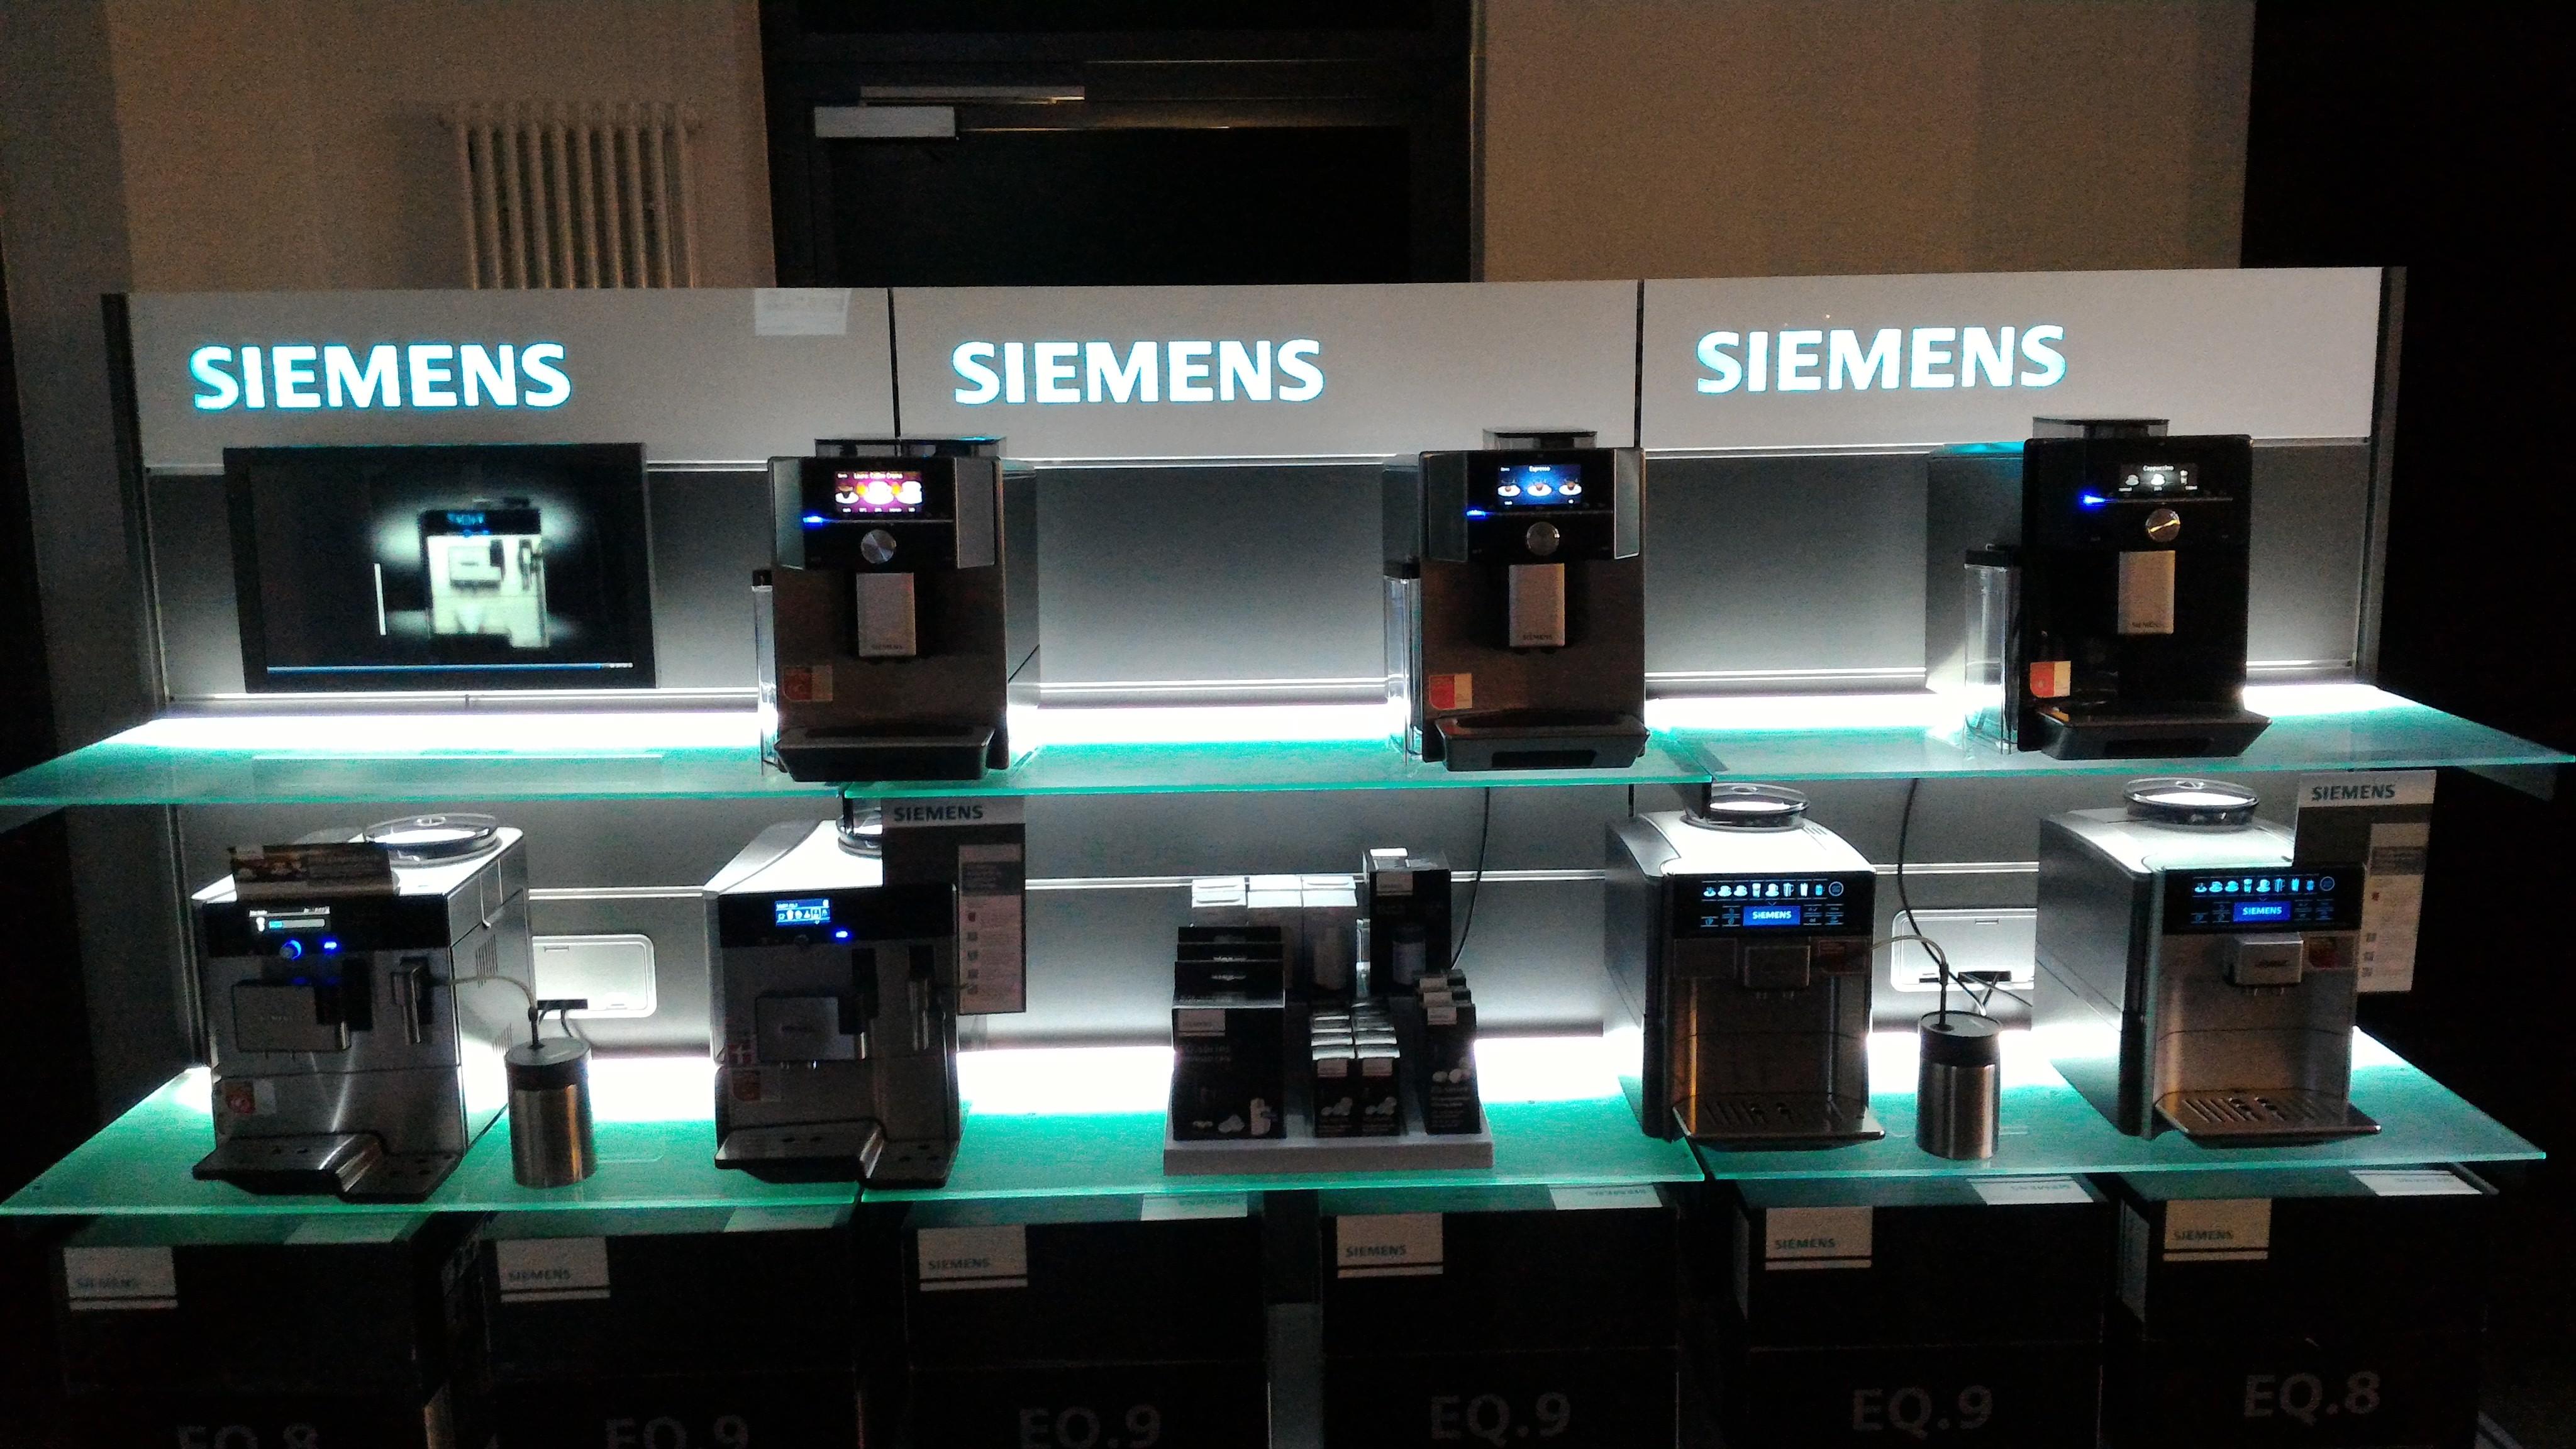 Die Siemens Eq9 In Der Sneak Preview Exploringeq9 In Munchen